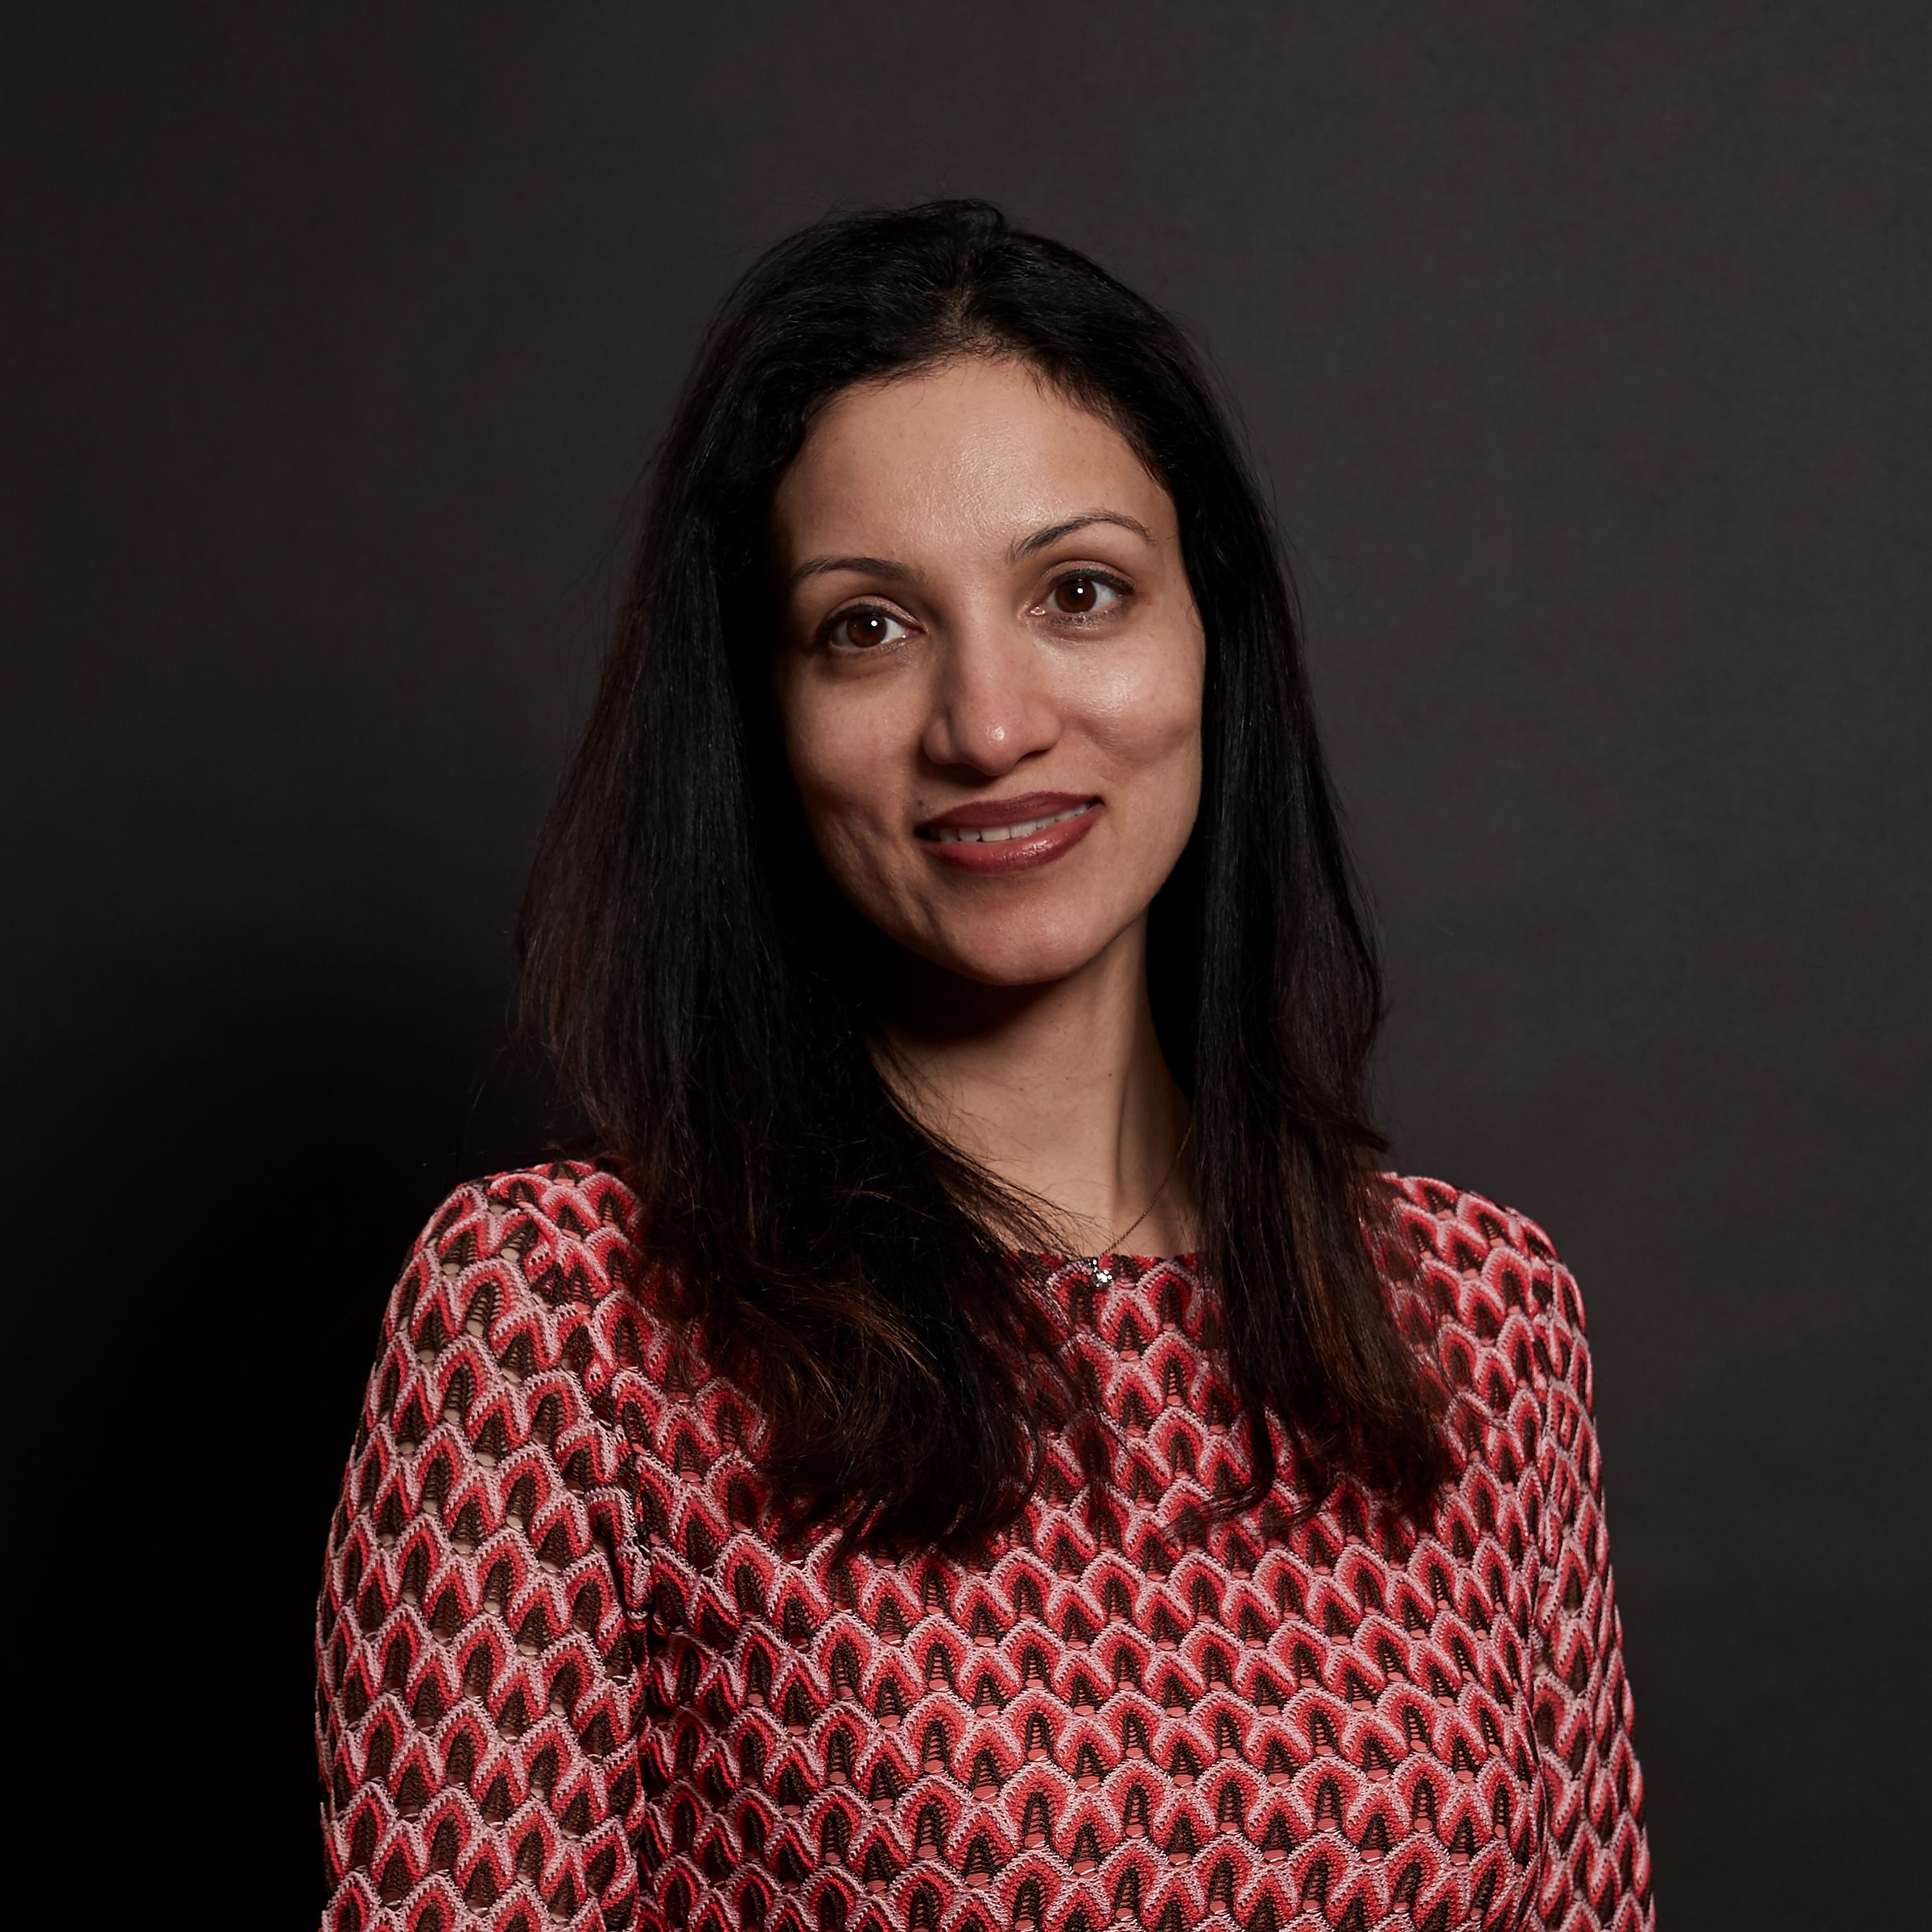 Nisha Varma